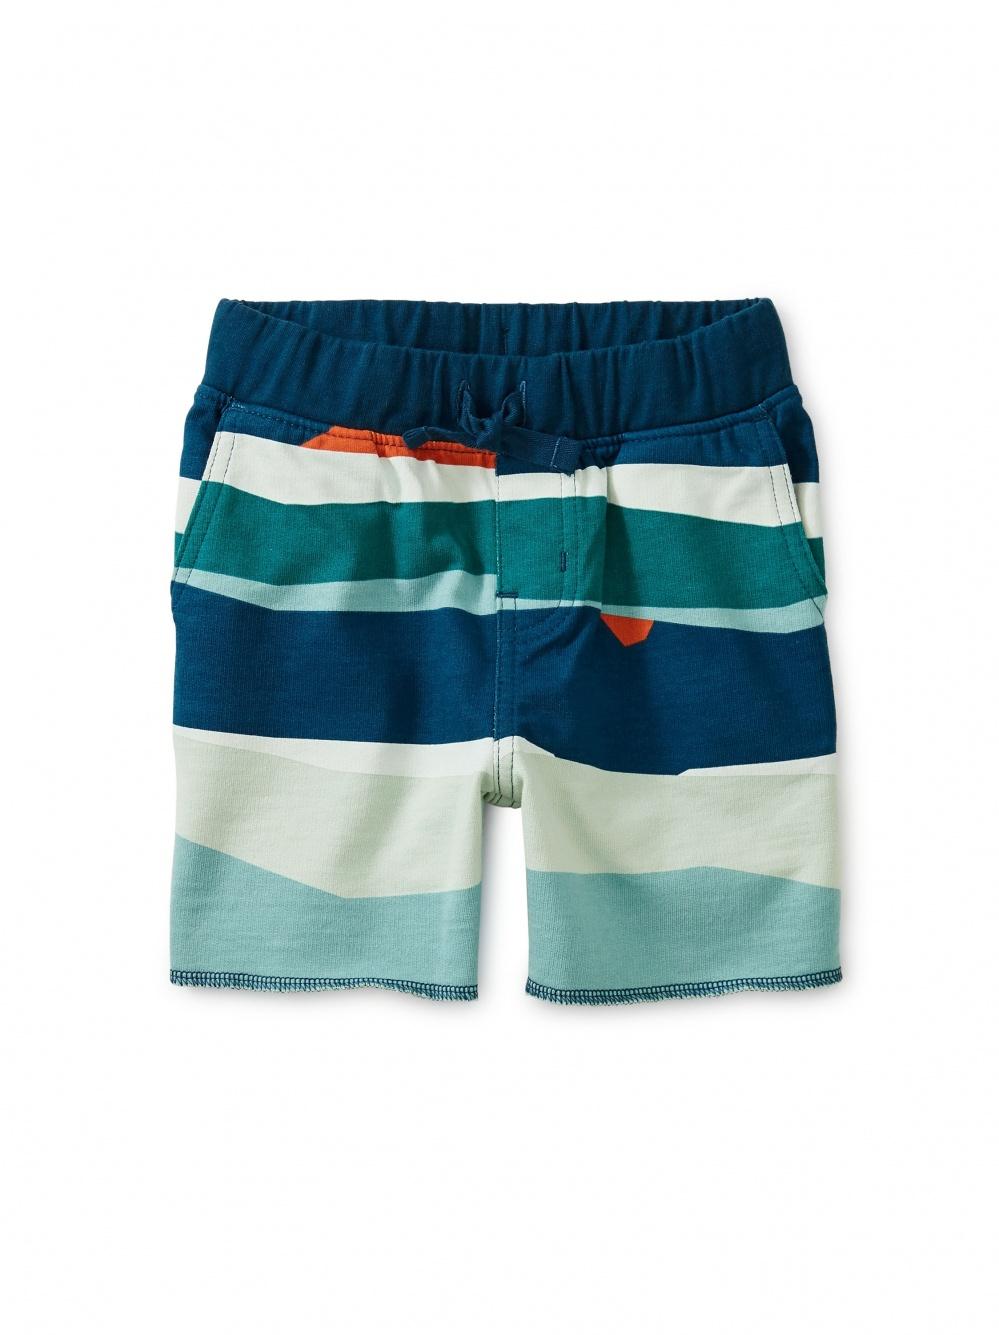 Printed Cruiser Baby Shorts